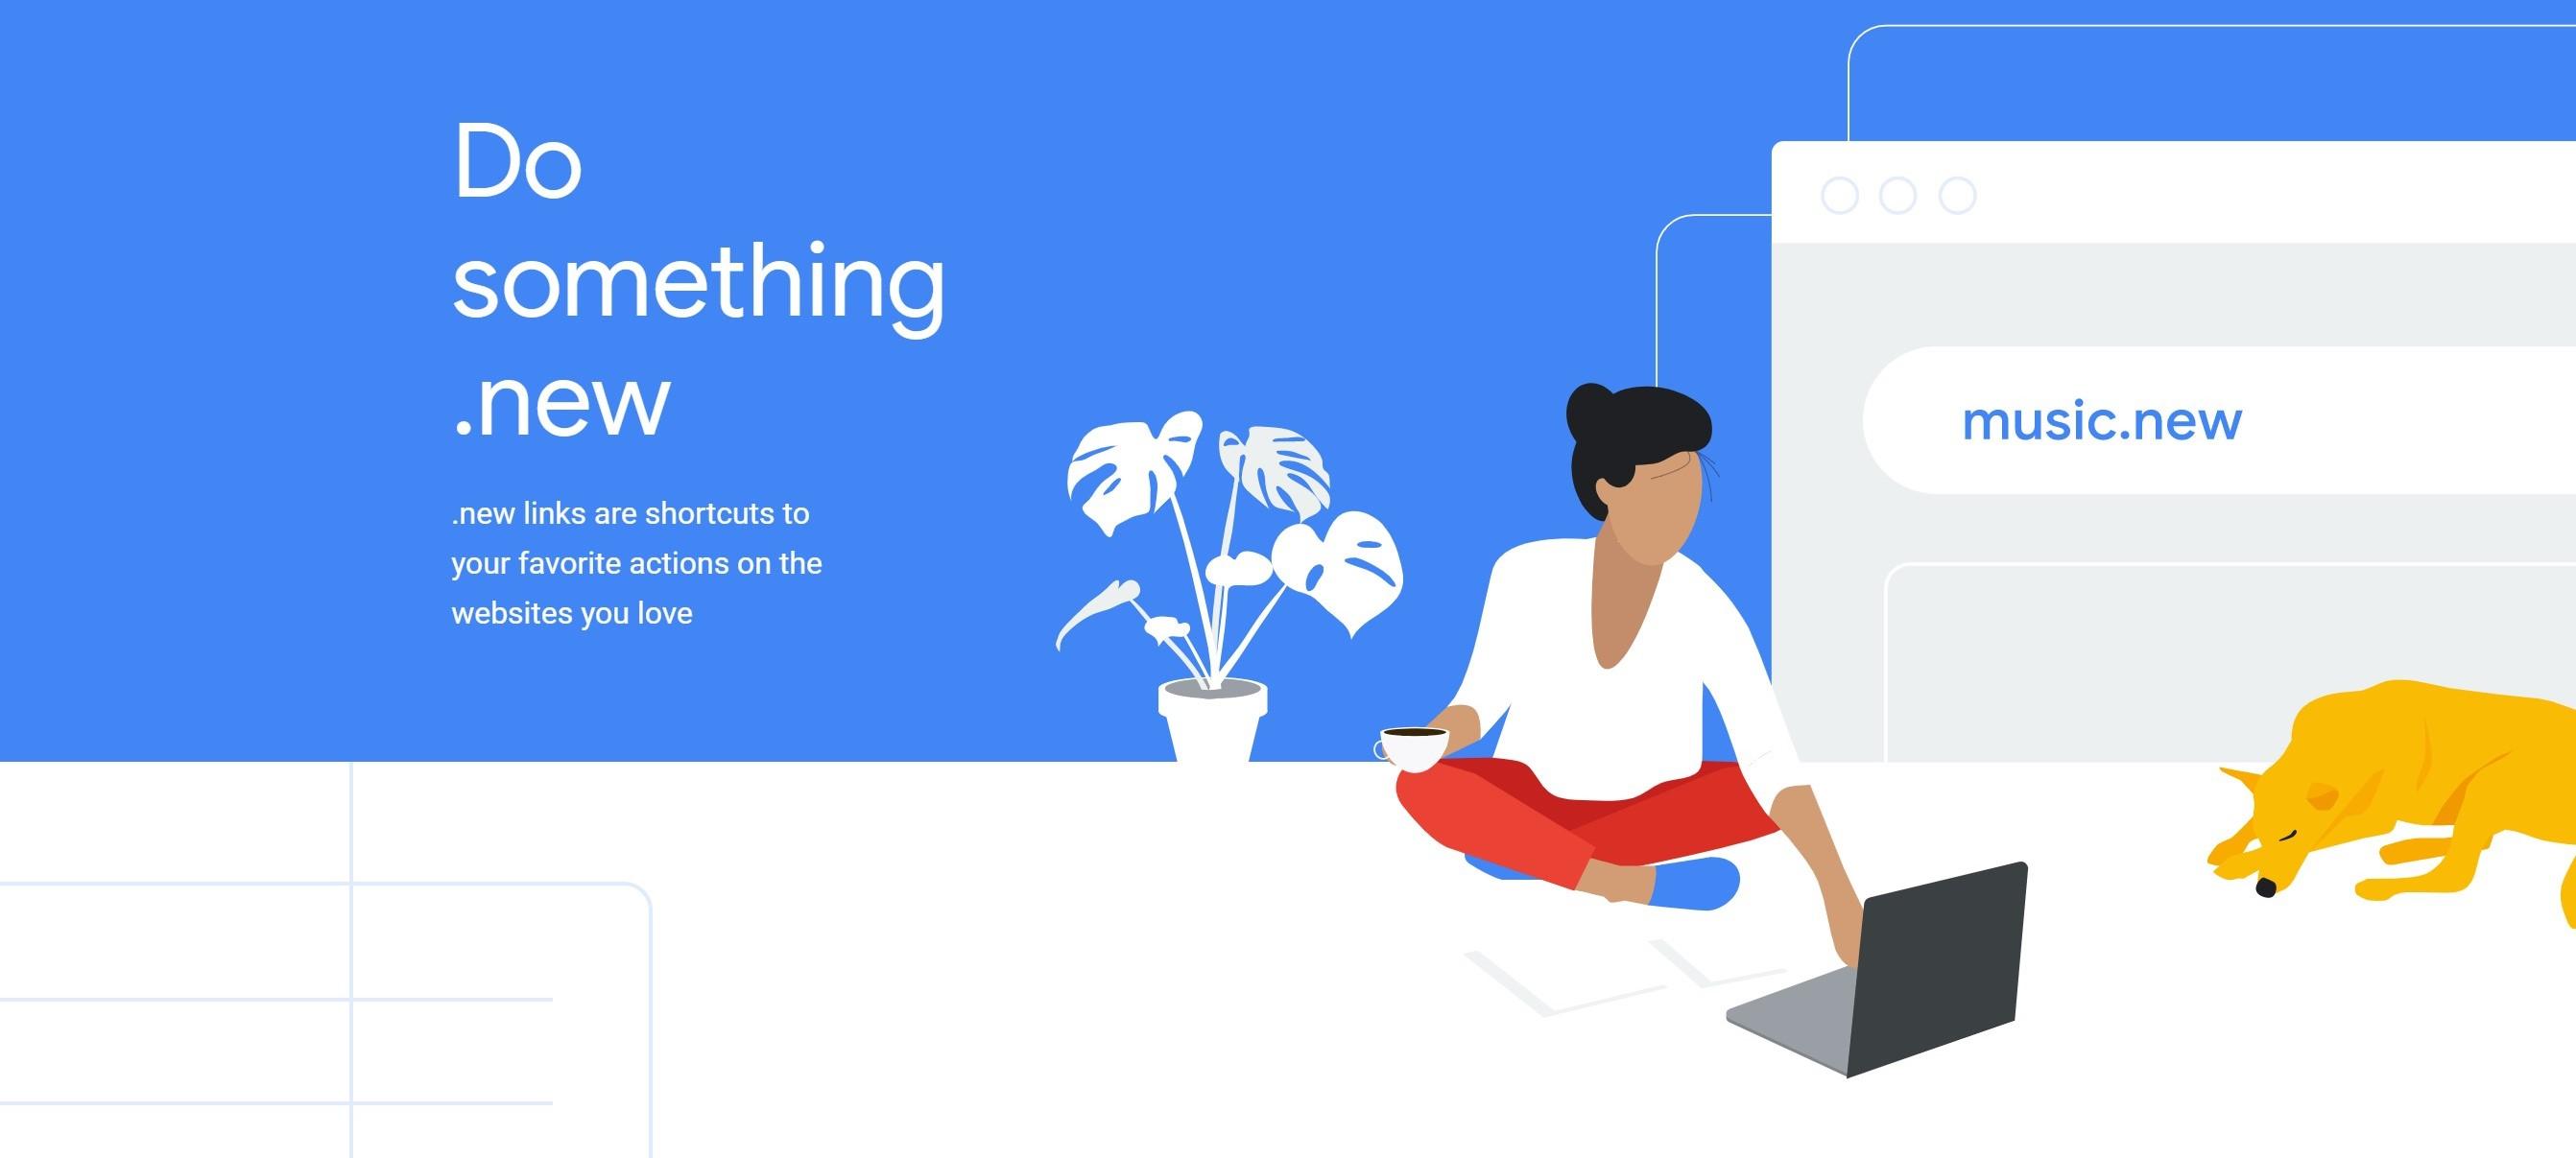 Google błyskawicznie przeniesie cię na stronę, której potrzebujesz. Wpisz whats.new i sprawdź! 17 Google